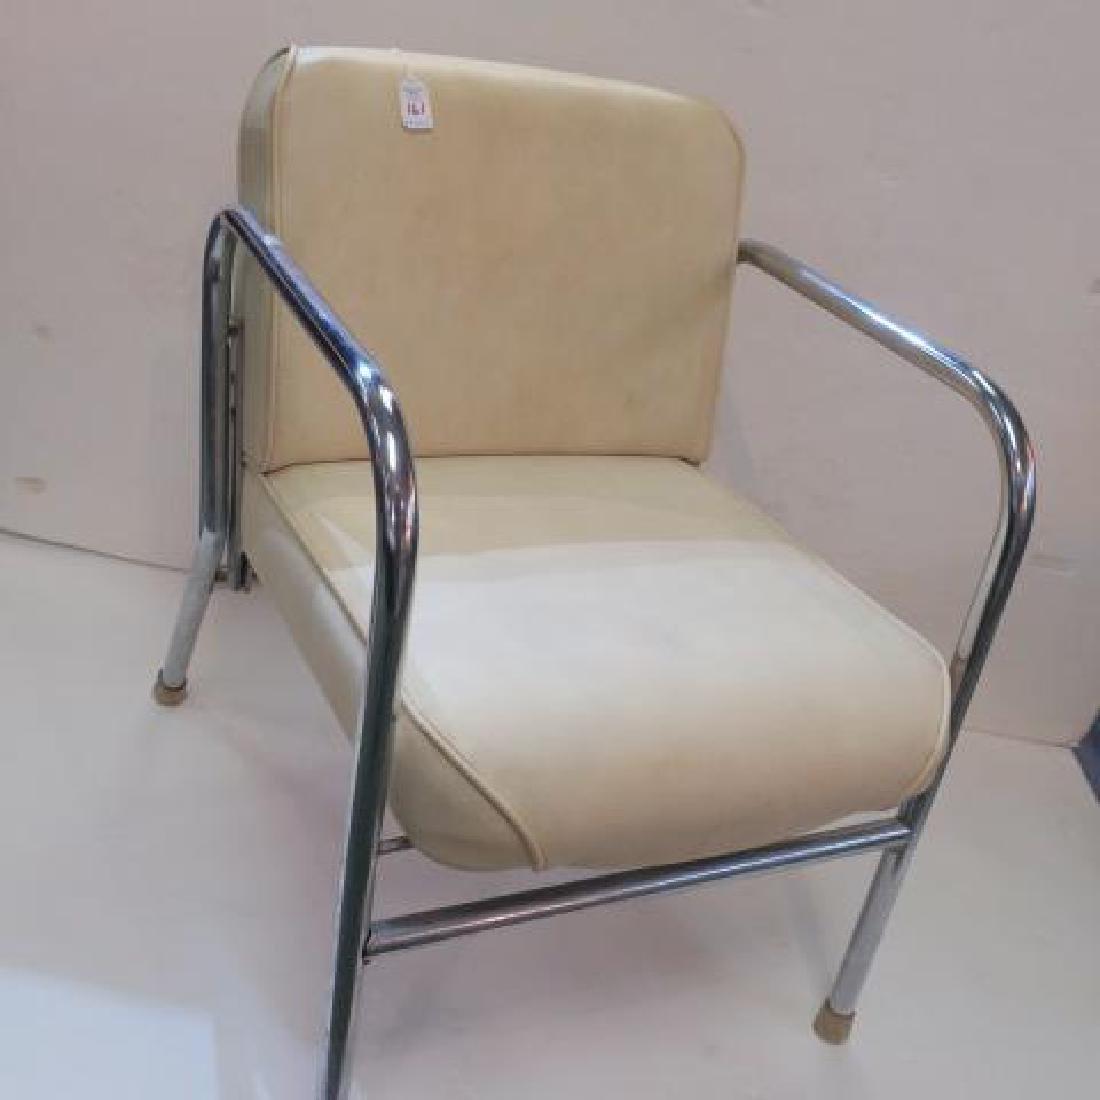 GREGSON MFG Mid-Century Chrome Arm Chair: